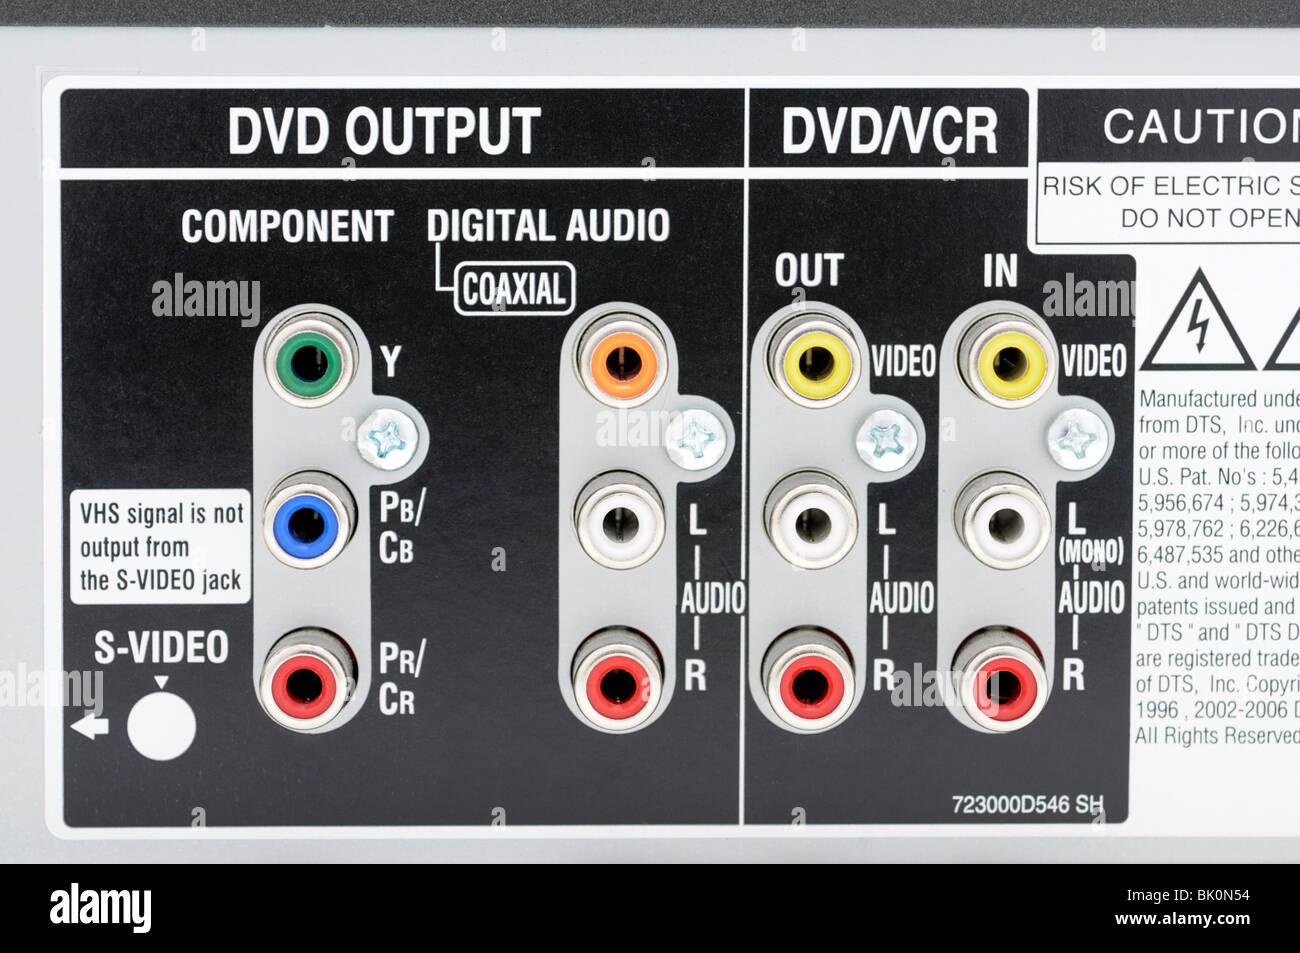 Rückseite des DVD/VCR Combo - Eingänge und Ausgänge Stockbild